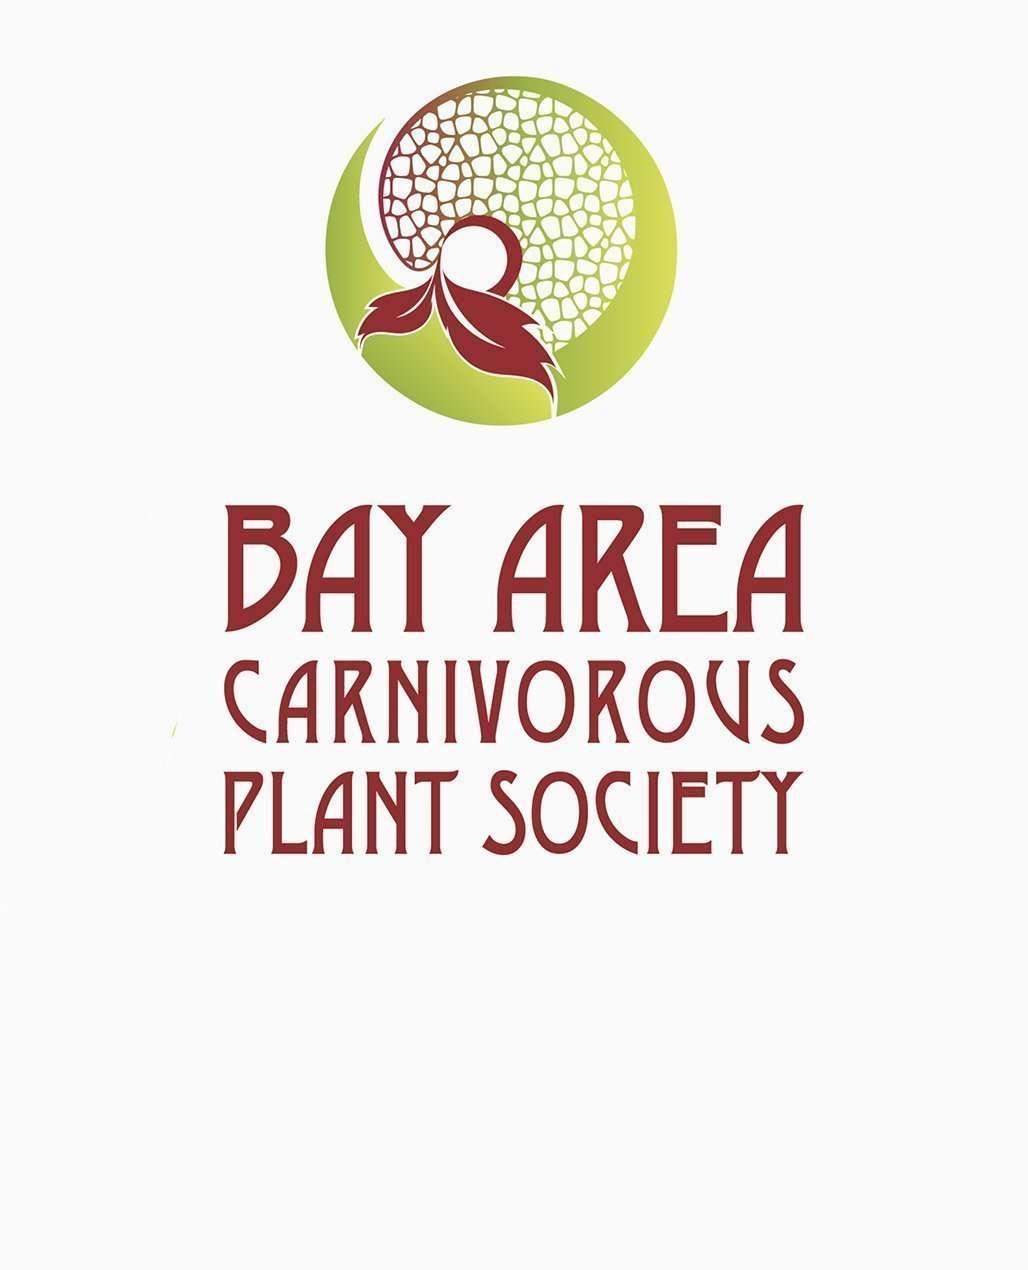 Bay Area Carnivorous Plant Society Logo